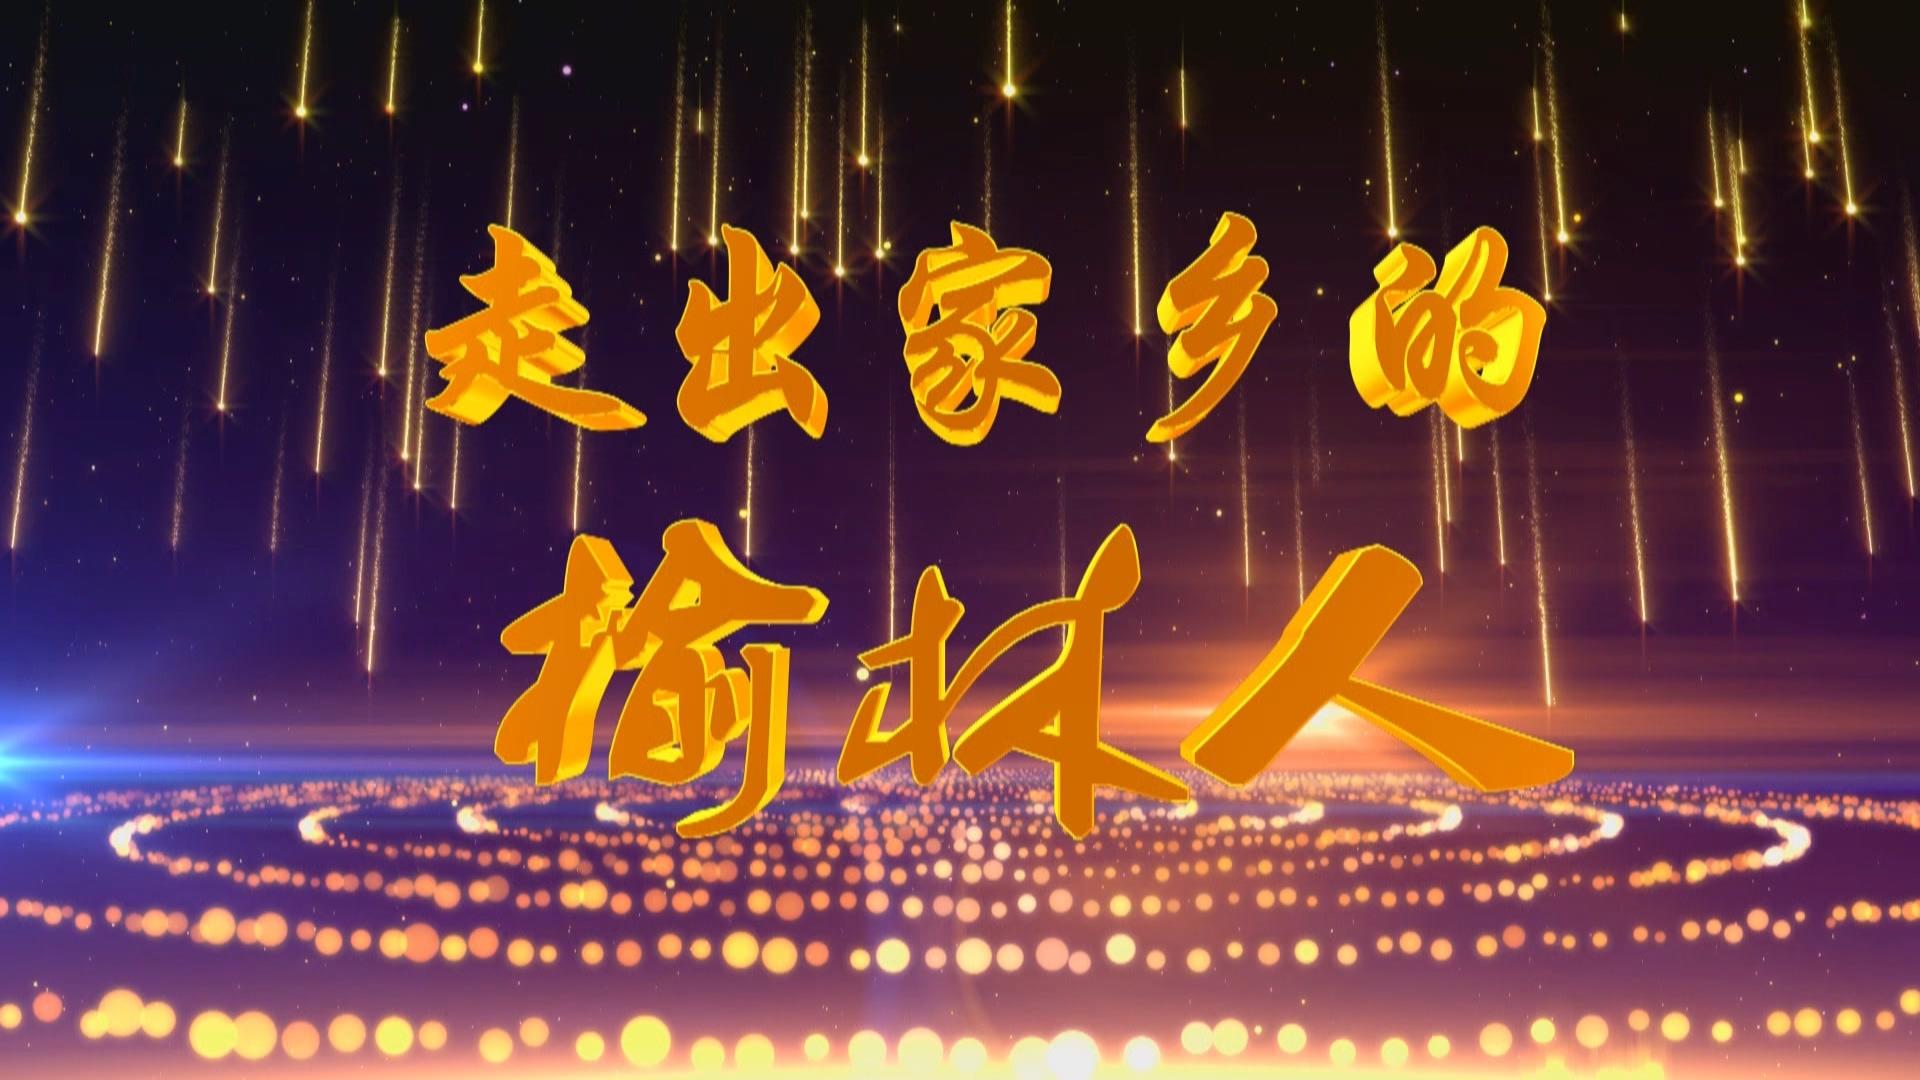 【走出家乡的榆林人】丹青笔墨寄乡情 画家张九千 2018-09-23